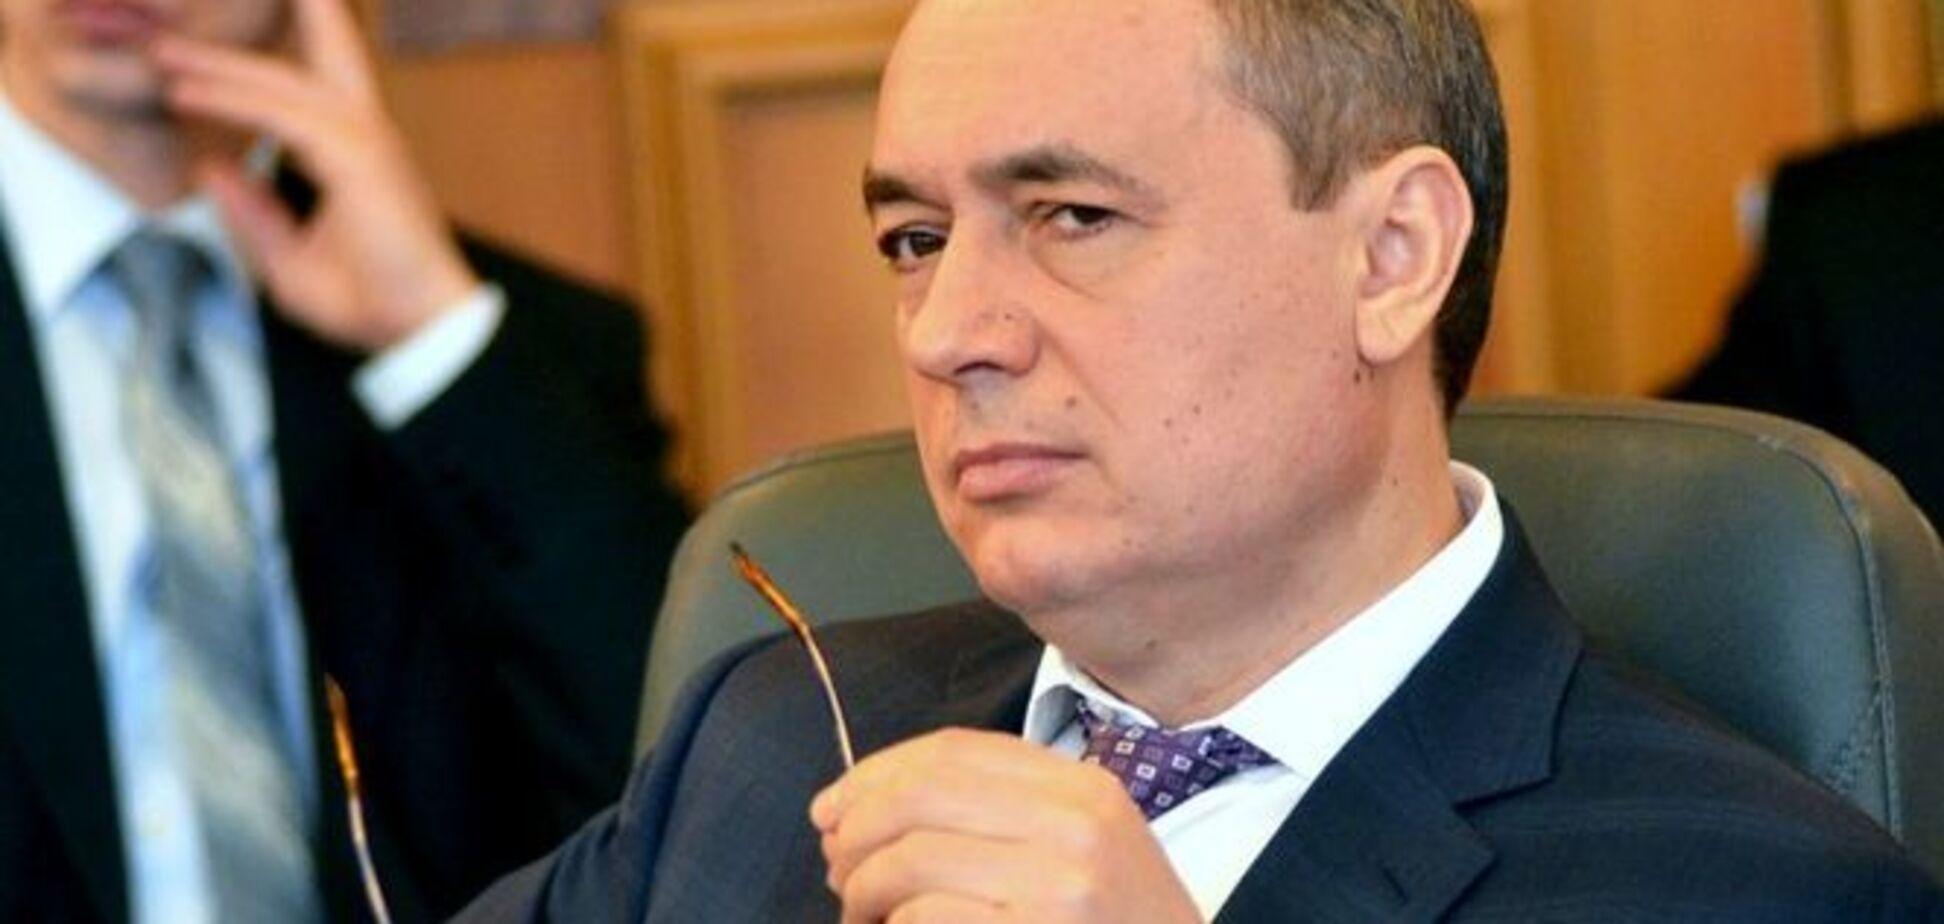 САП вручила обвинувальний акт Мартиненку